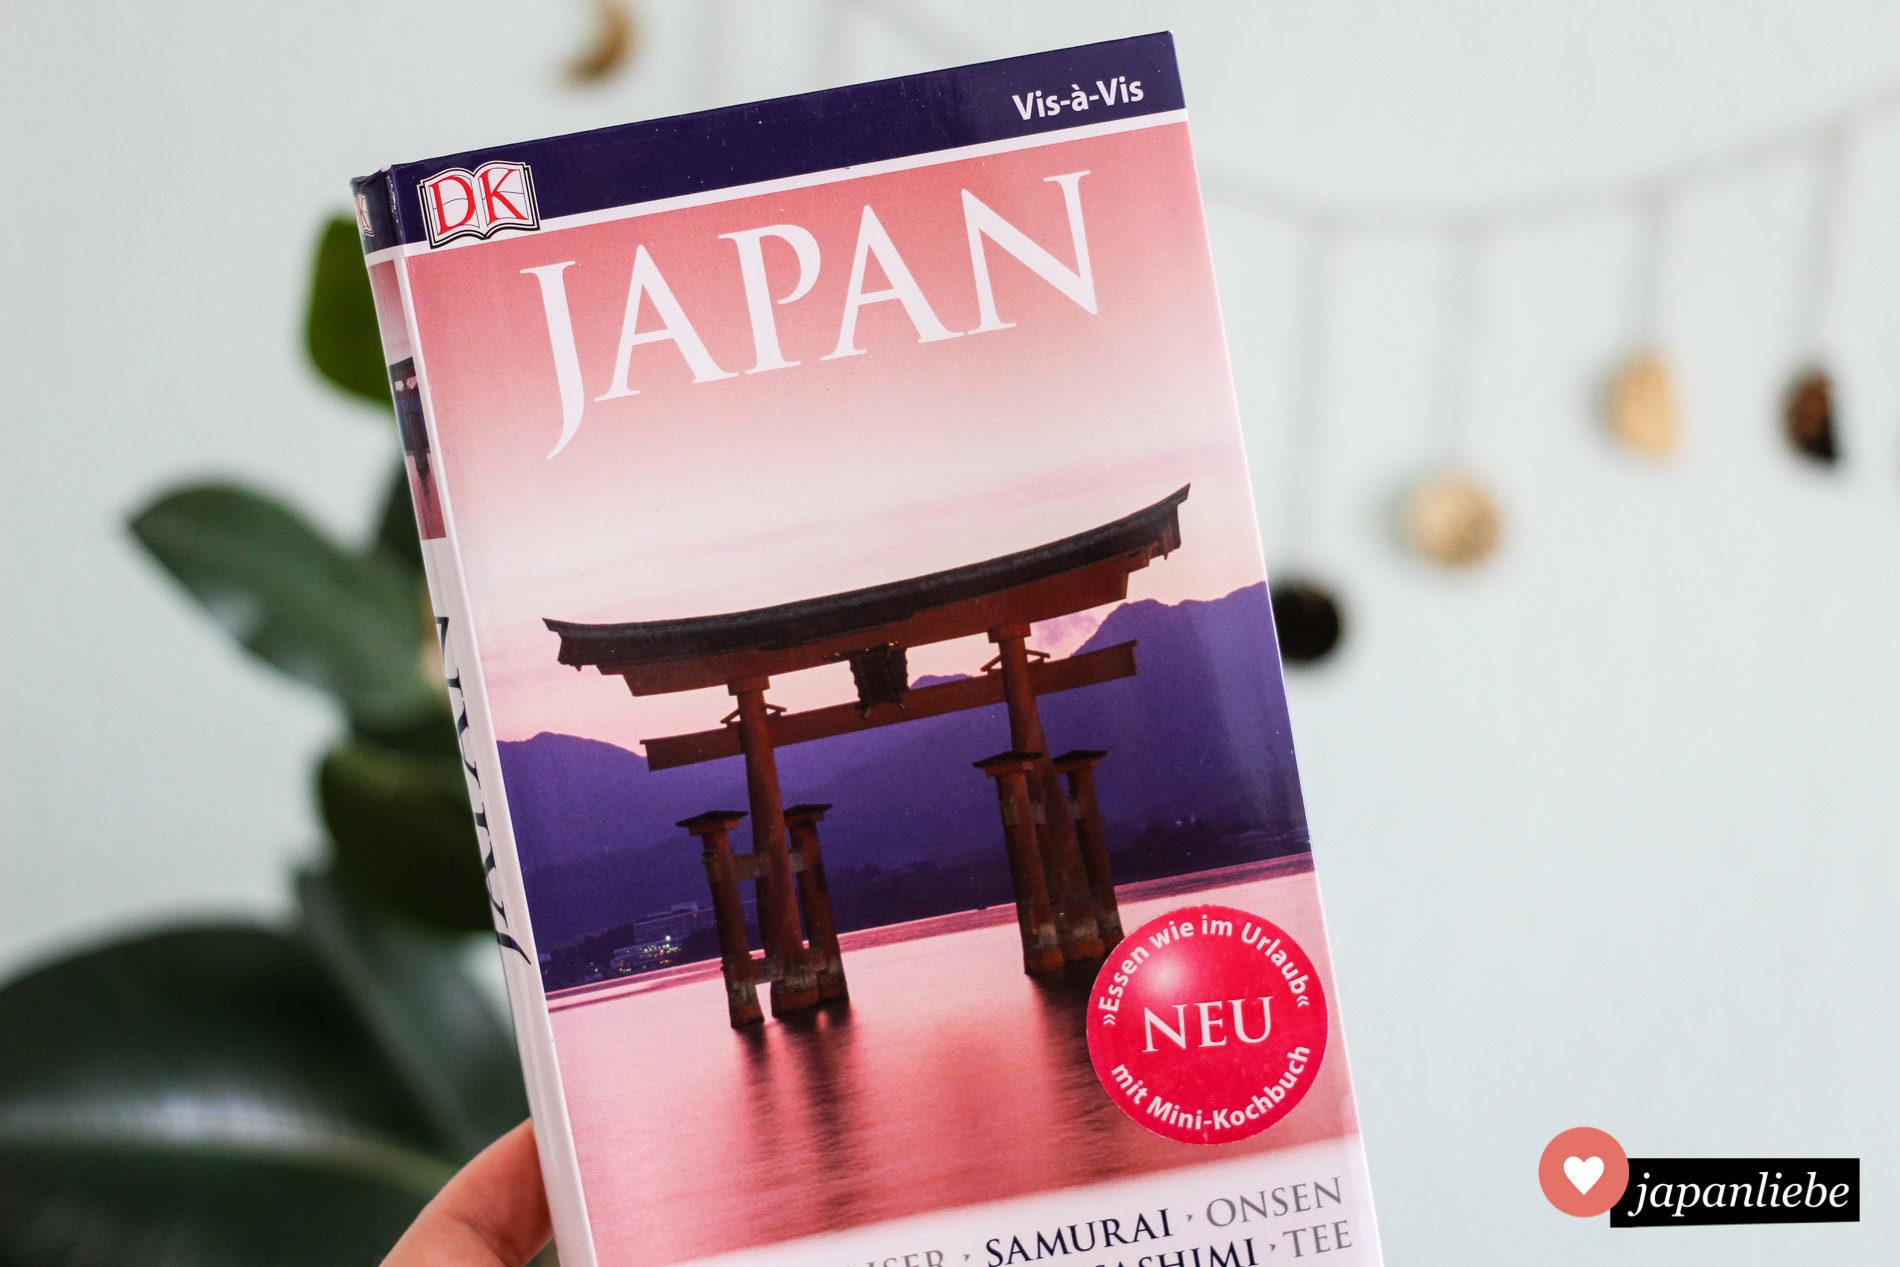 Der Vis-à-Vis Japan Reiseführer von DK.